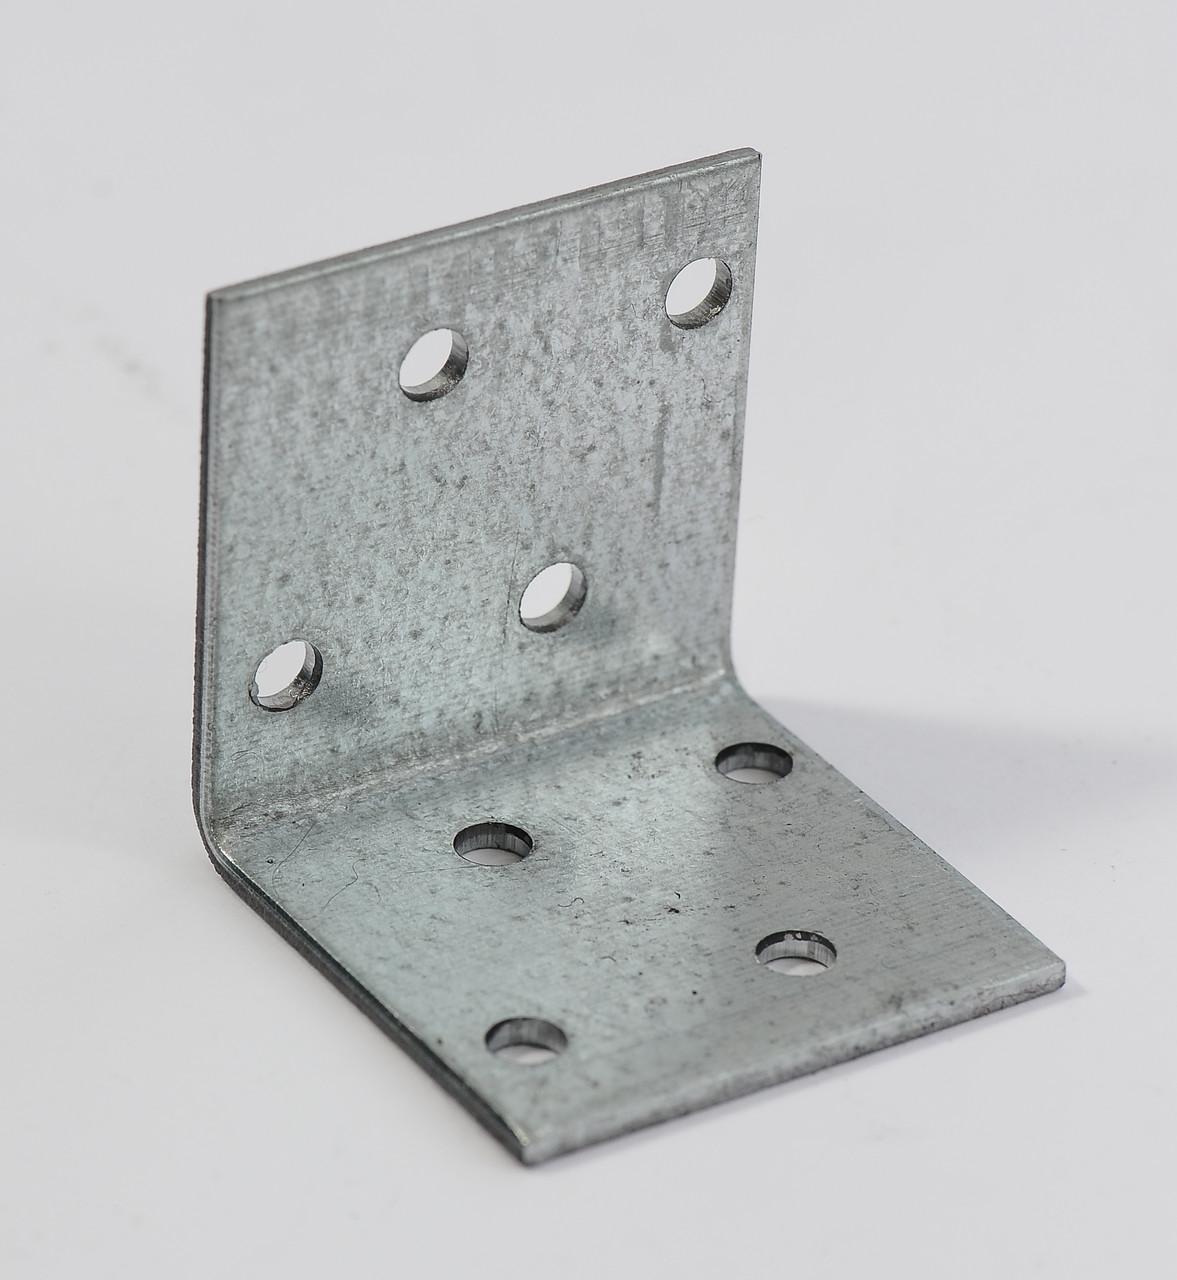 Уголок равносторонний 40х40х40 х 2,5 мм